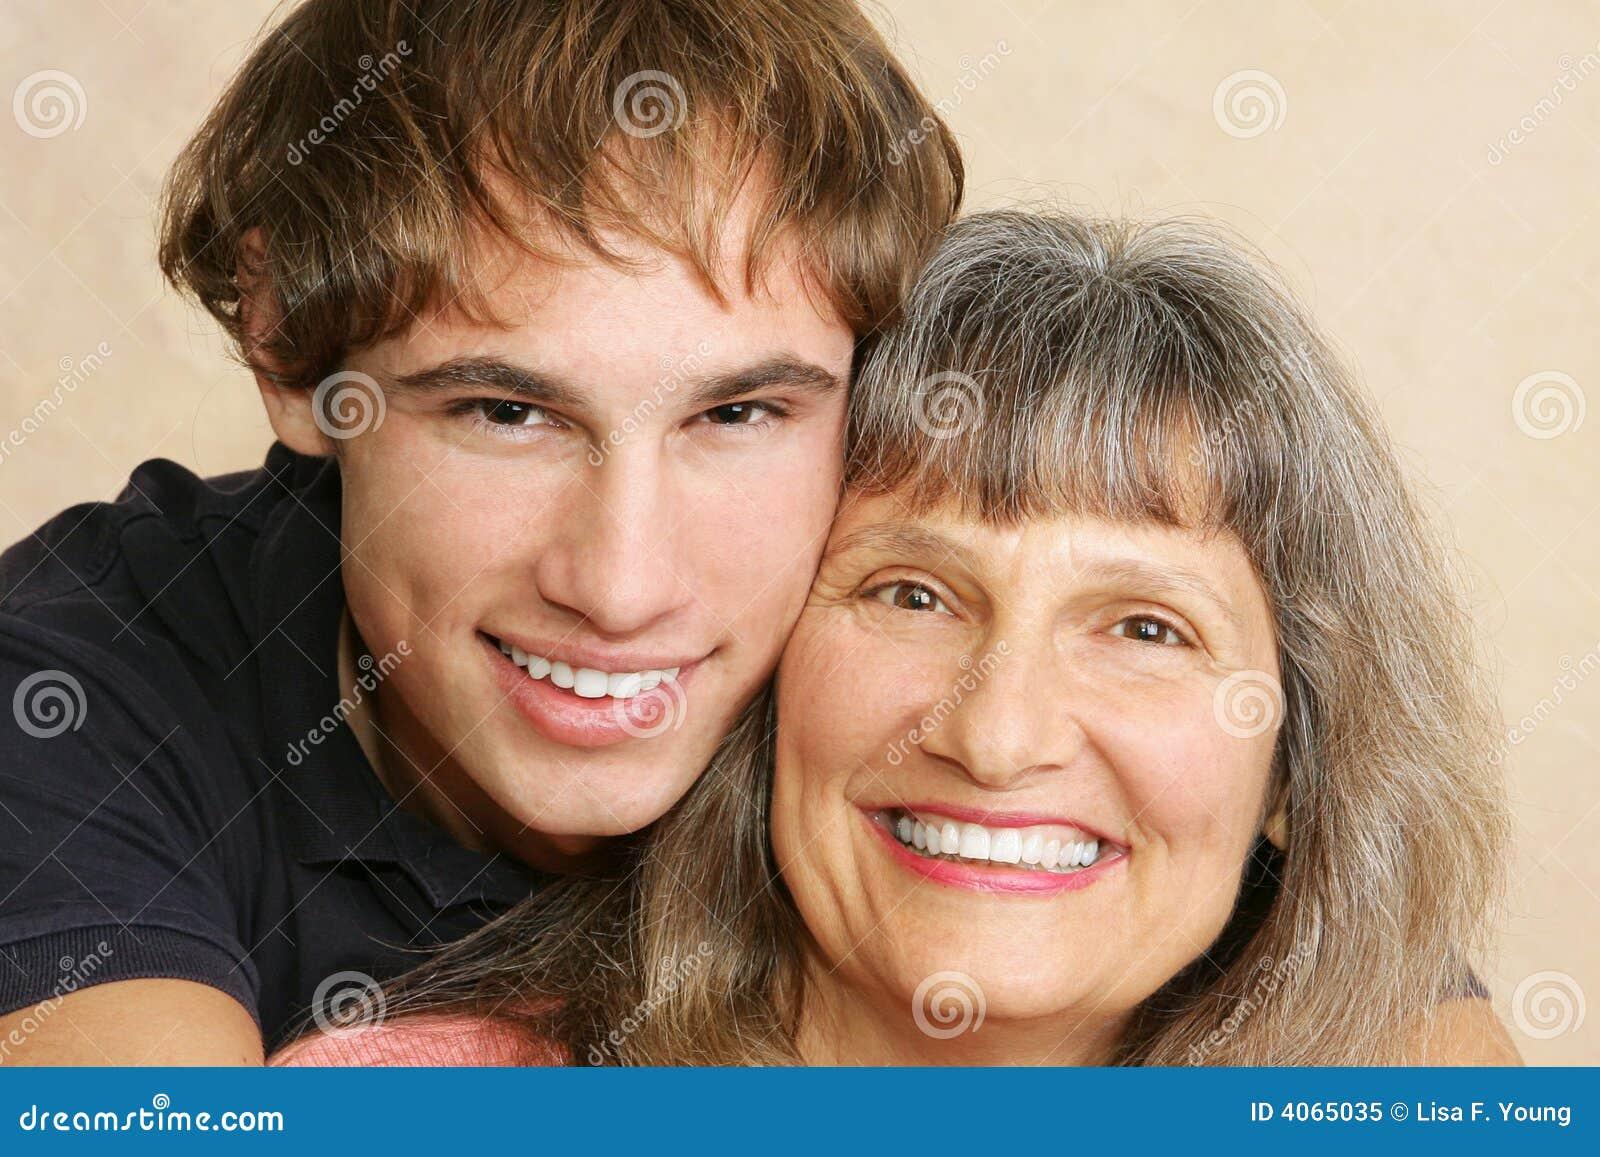 Сын с маму фото 12 фотография